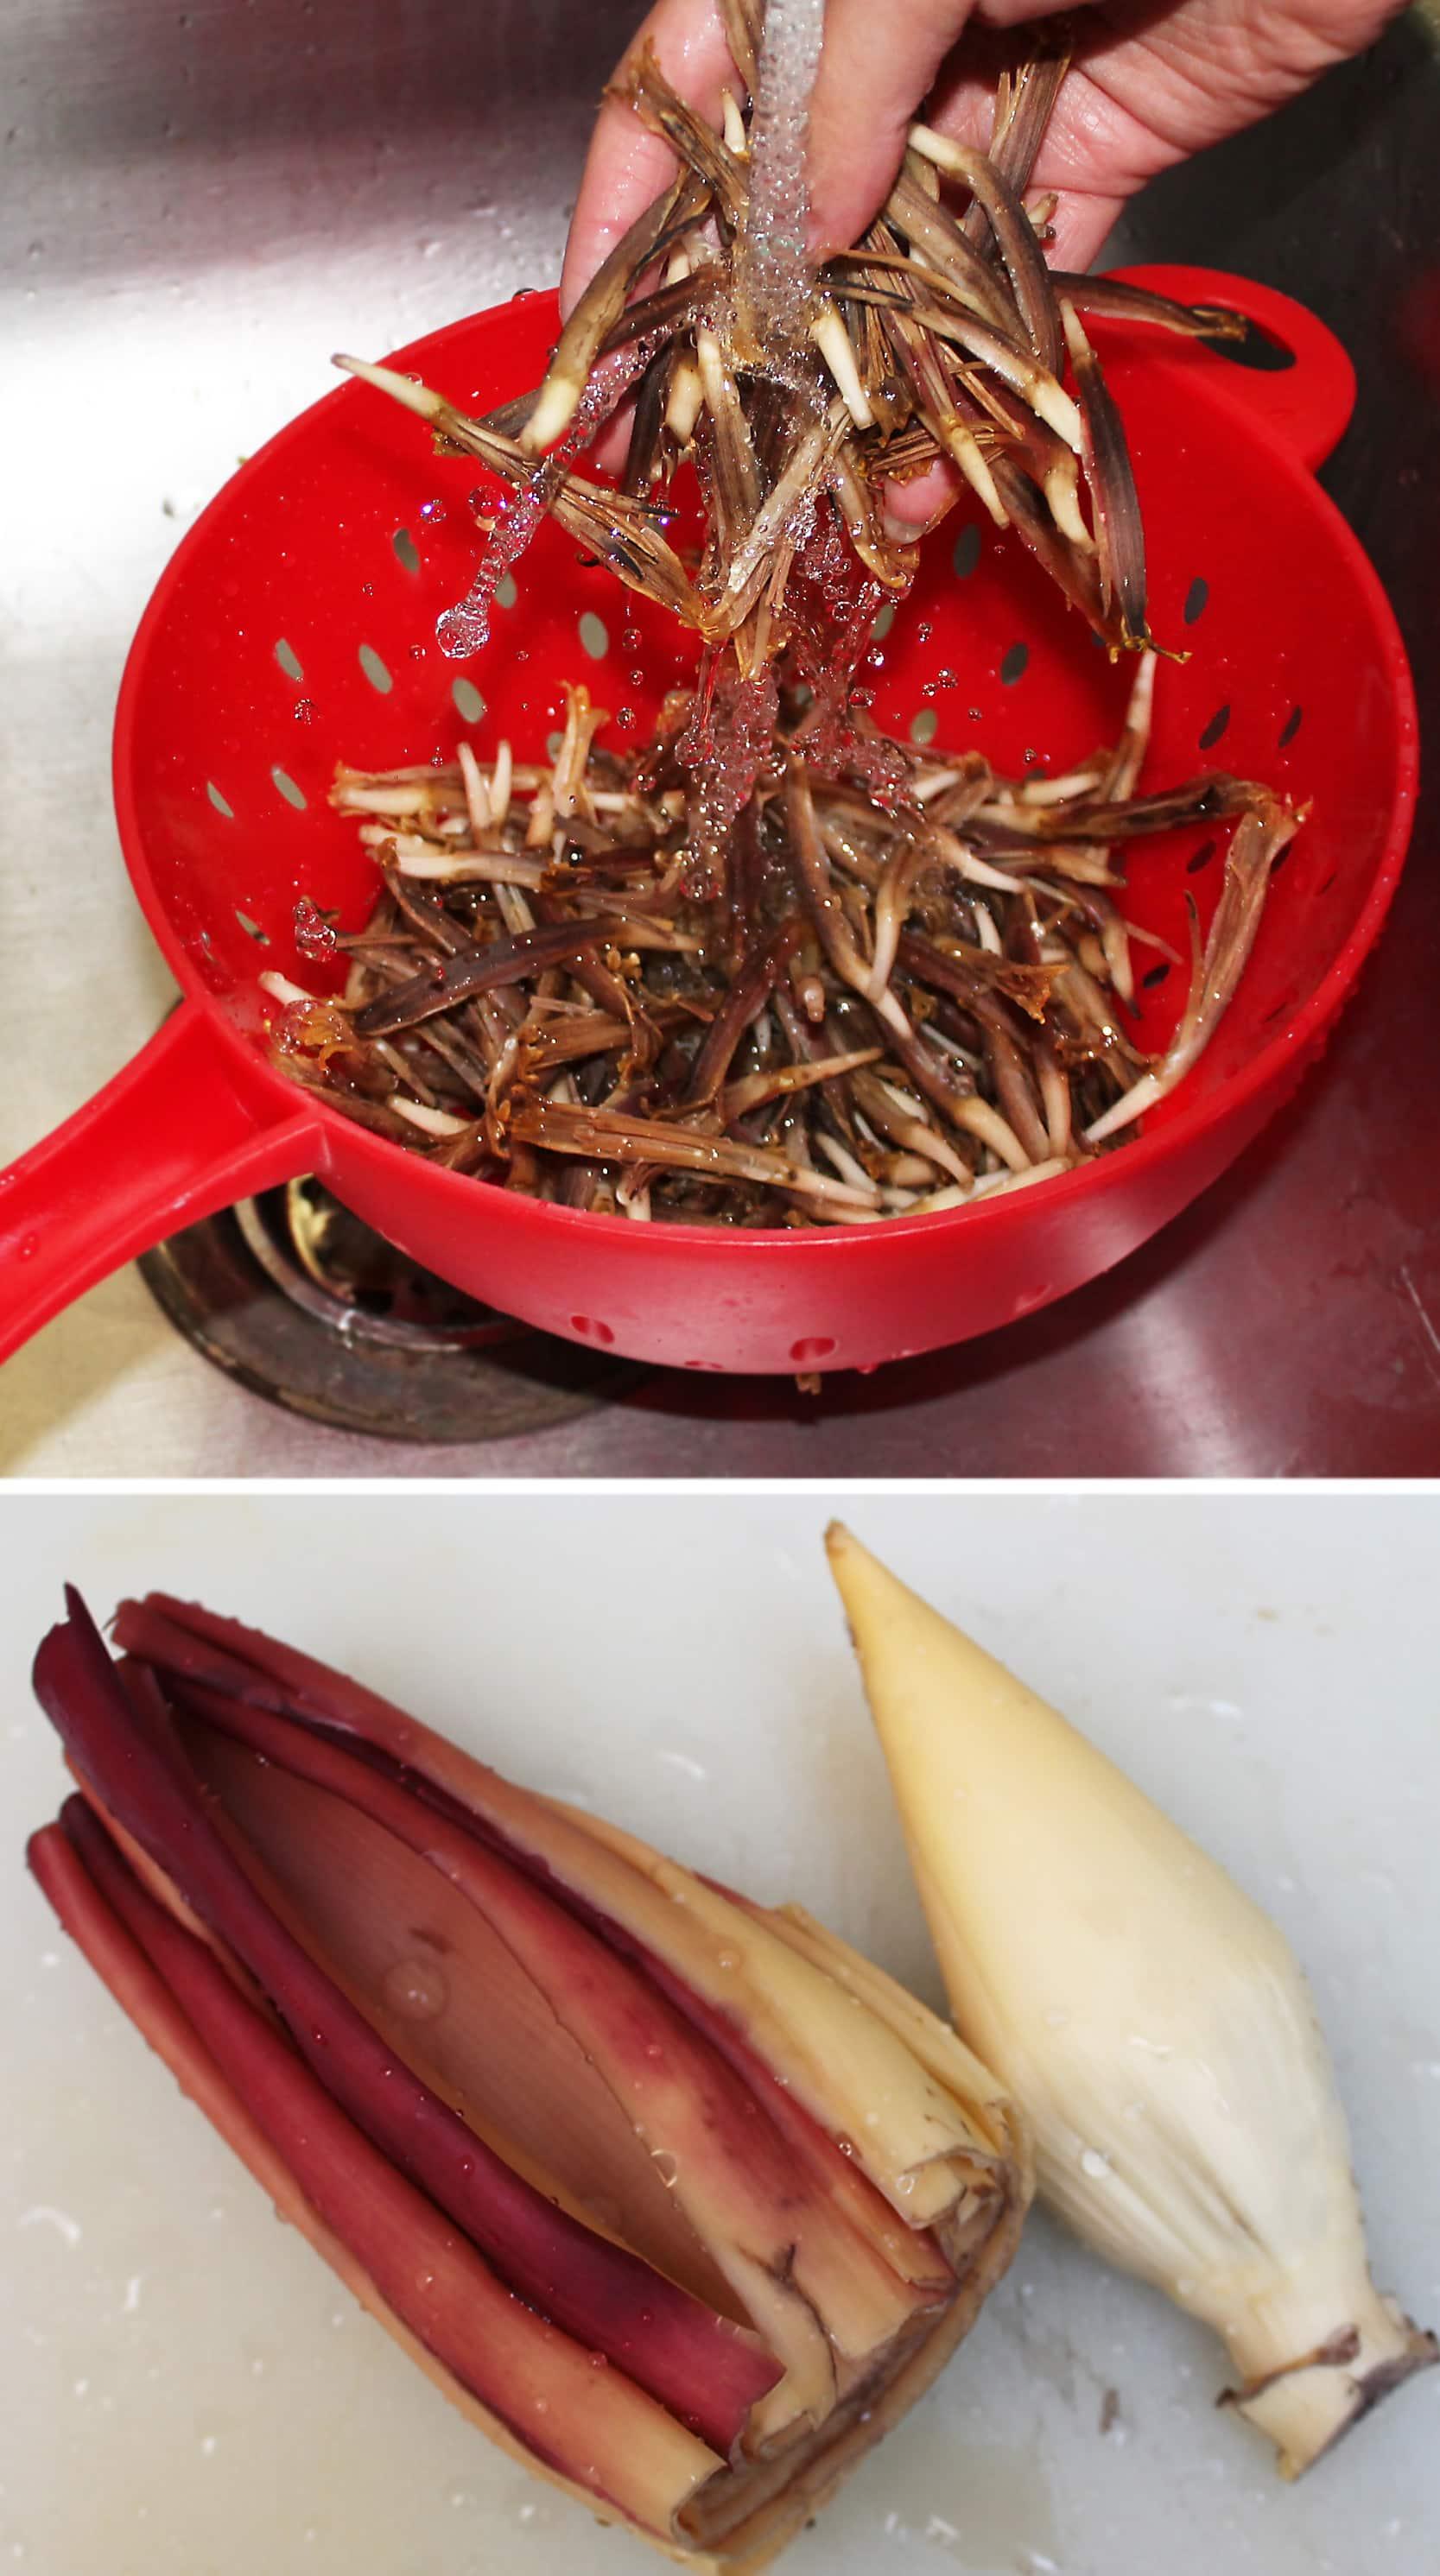 bananaflowerPREP